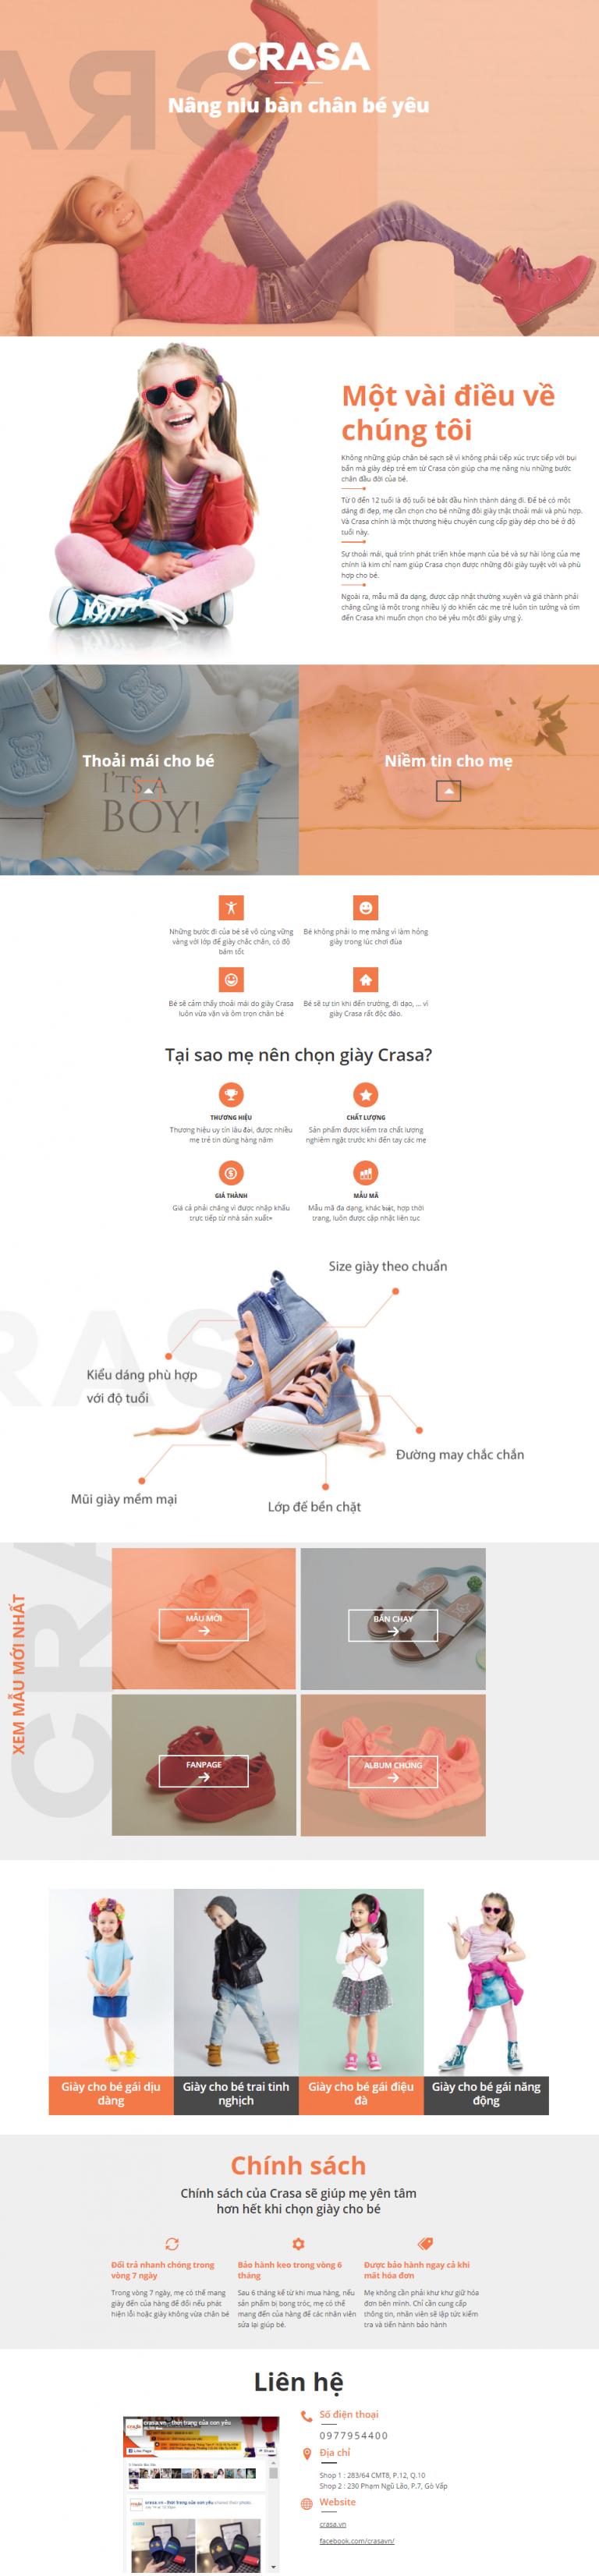 landing-page-crasa